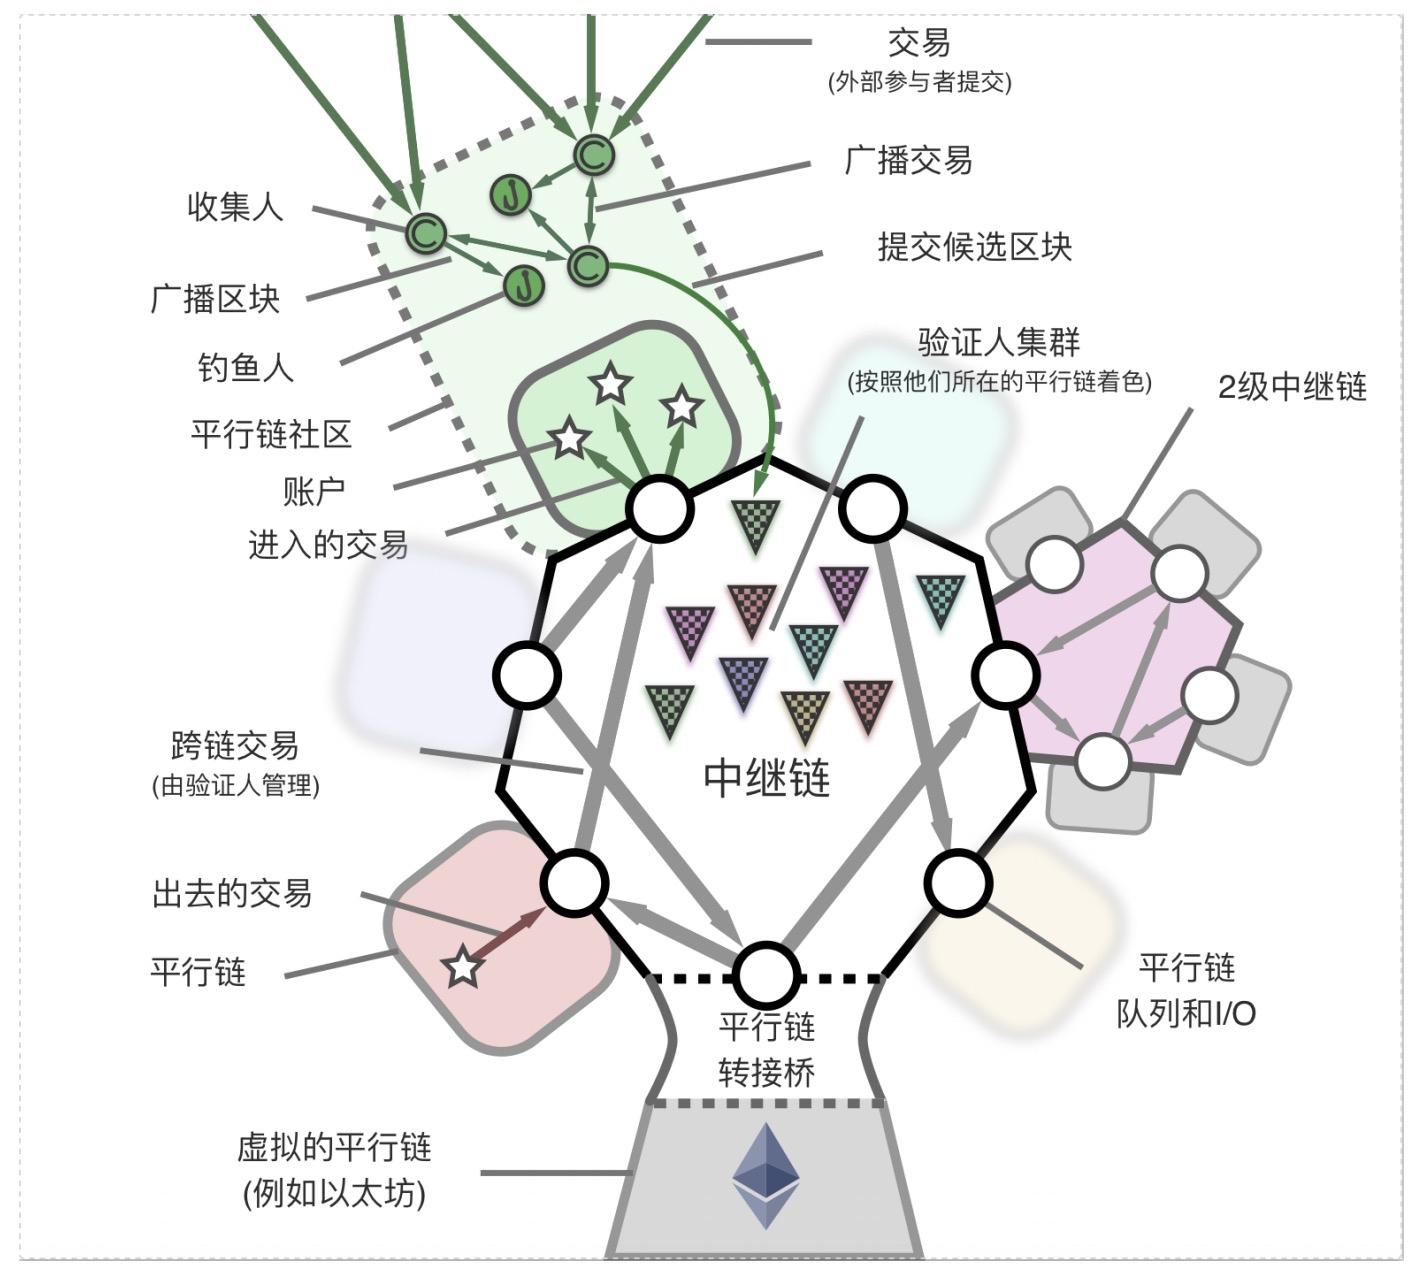 图 2:Polkadot 的概括性原理图